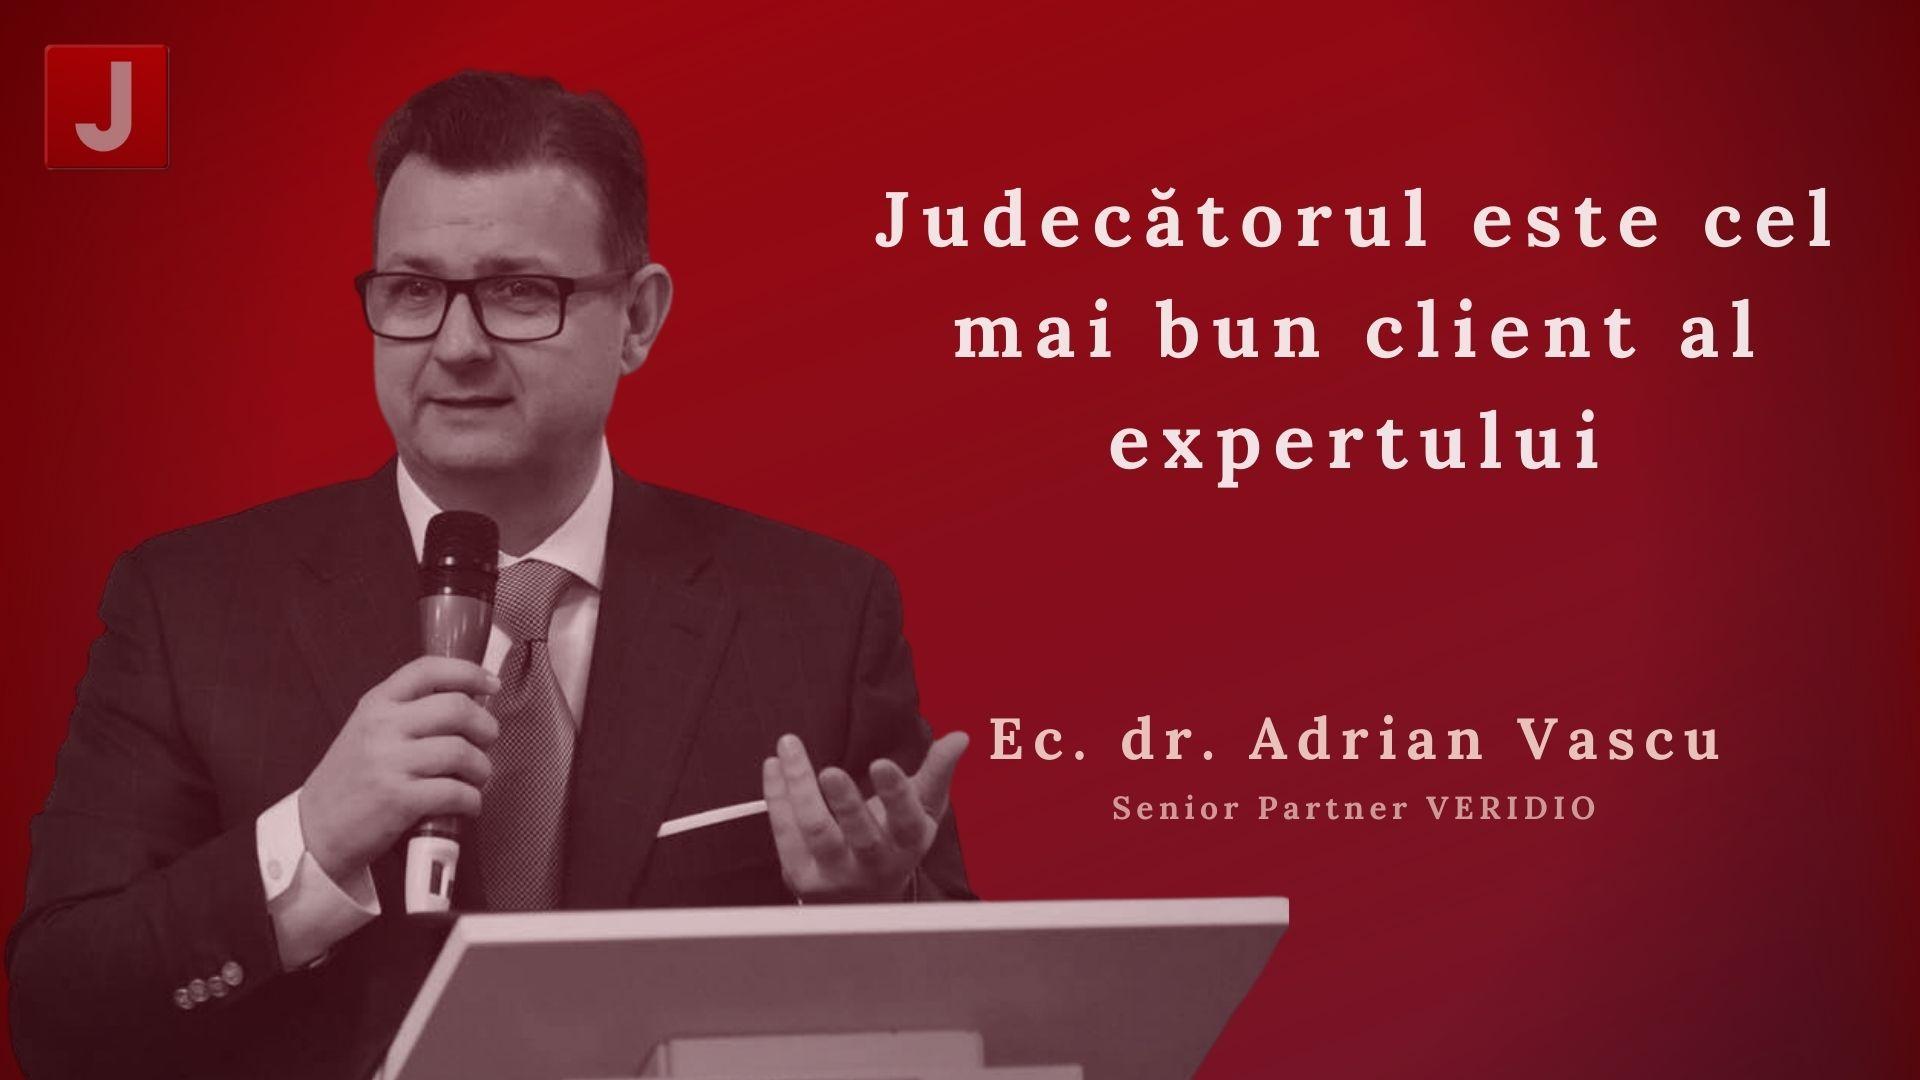 Adrian Vascu: Judecătorul este cel mai bun client al expertului